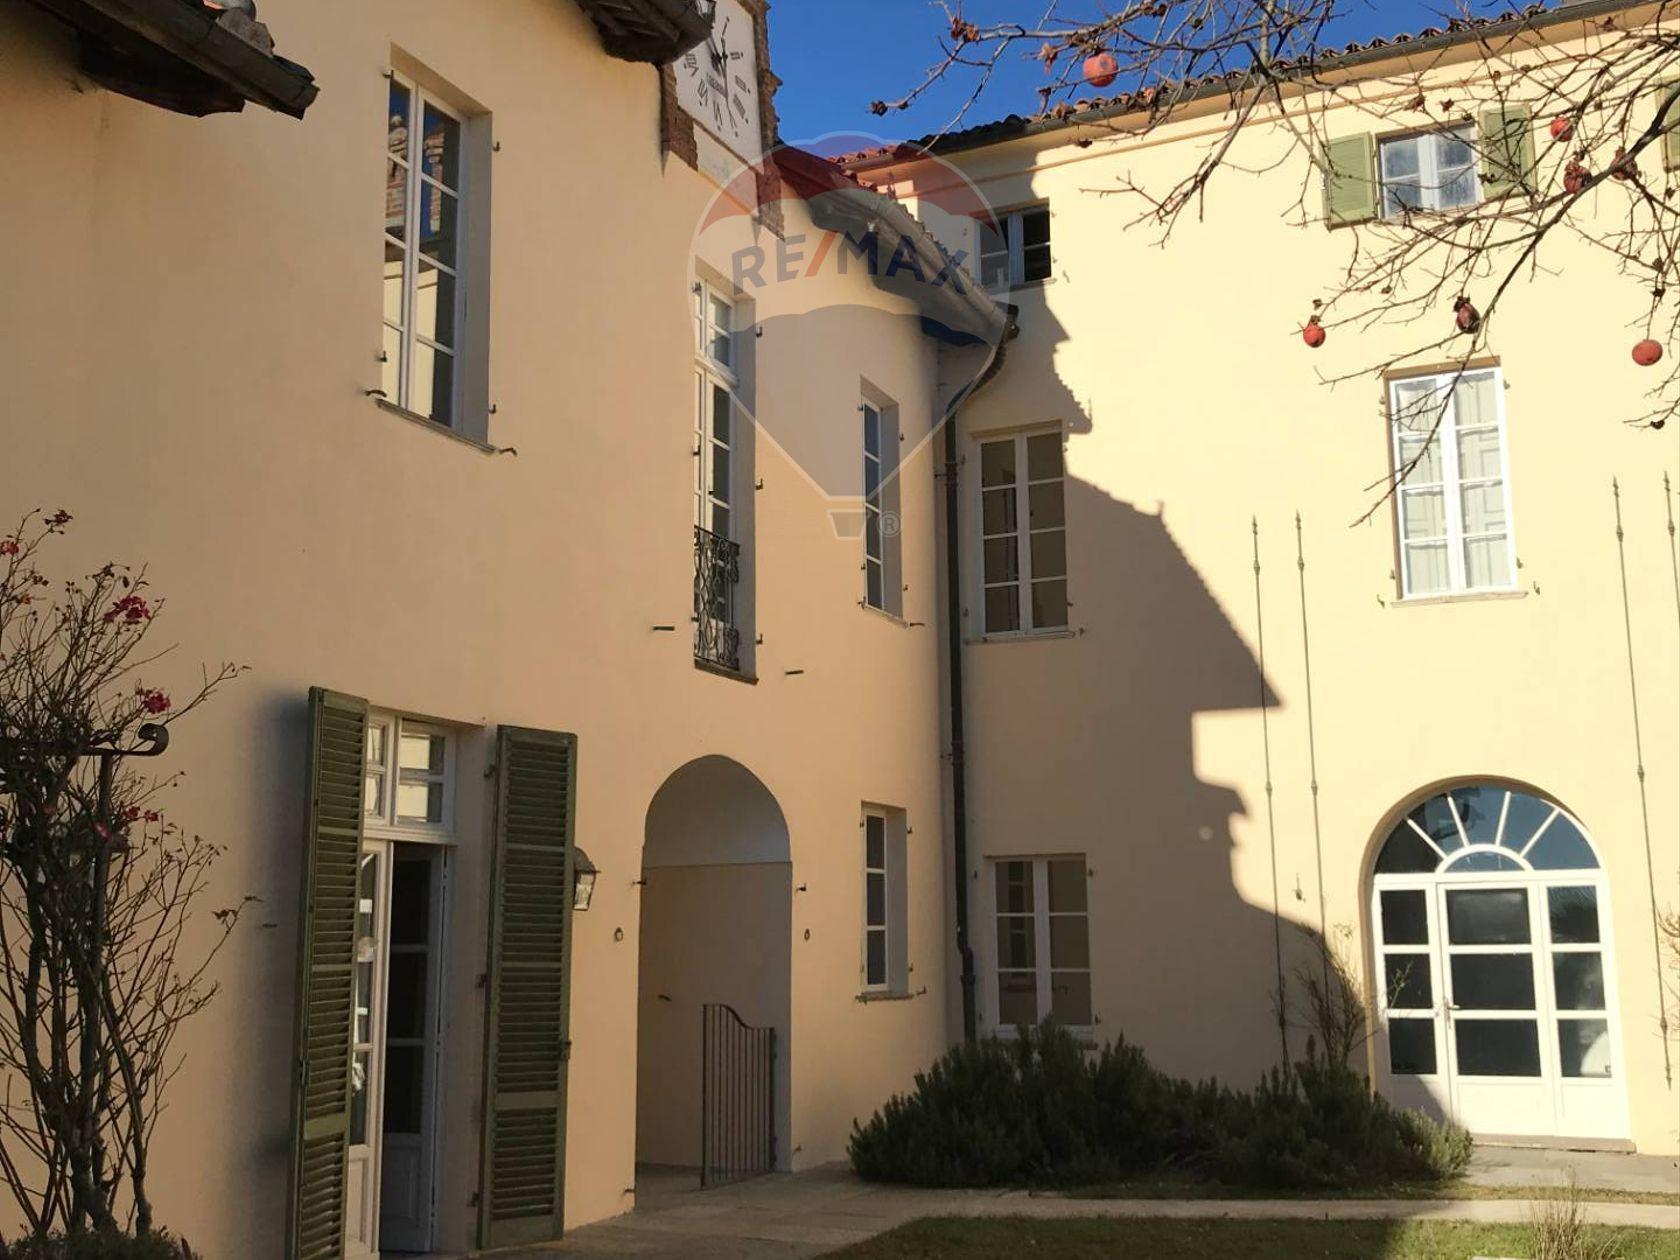 Appartamento Avuglione, Marentino, TO Vendita - Foto 2